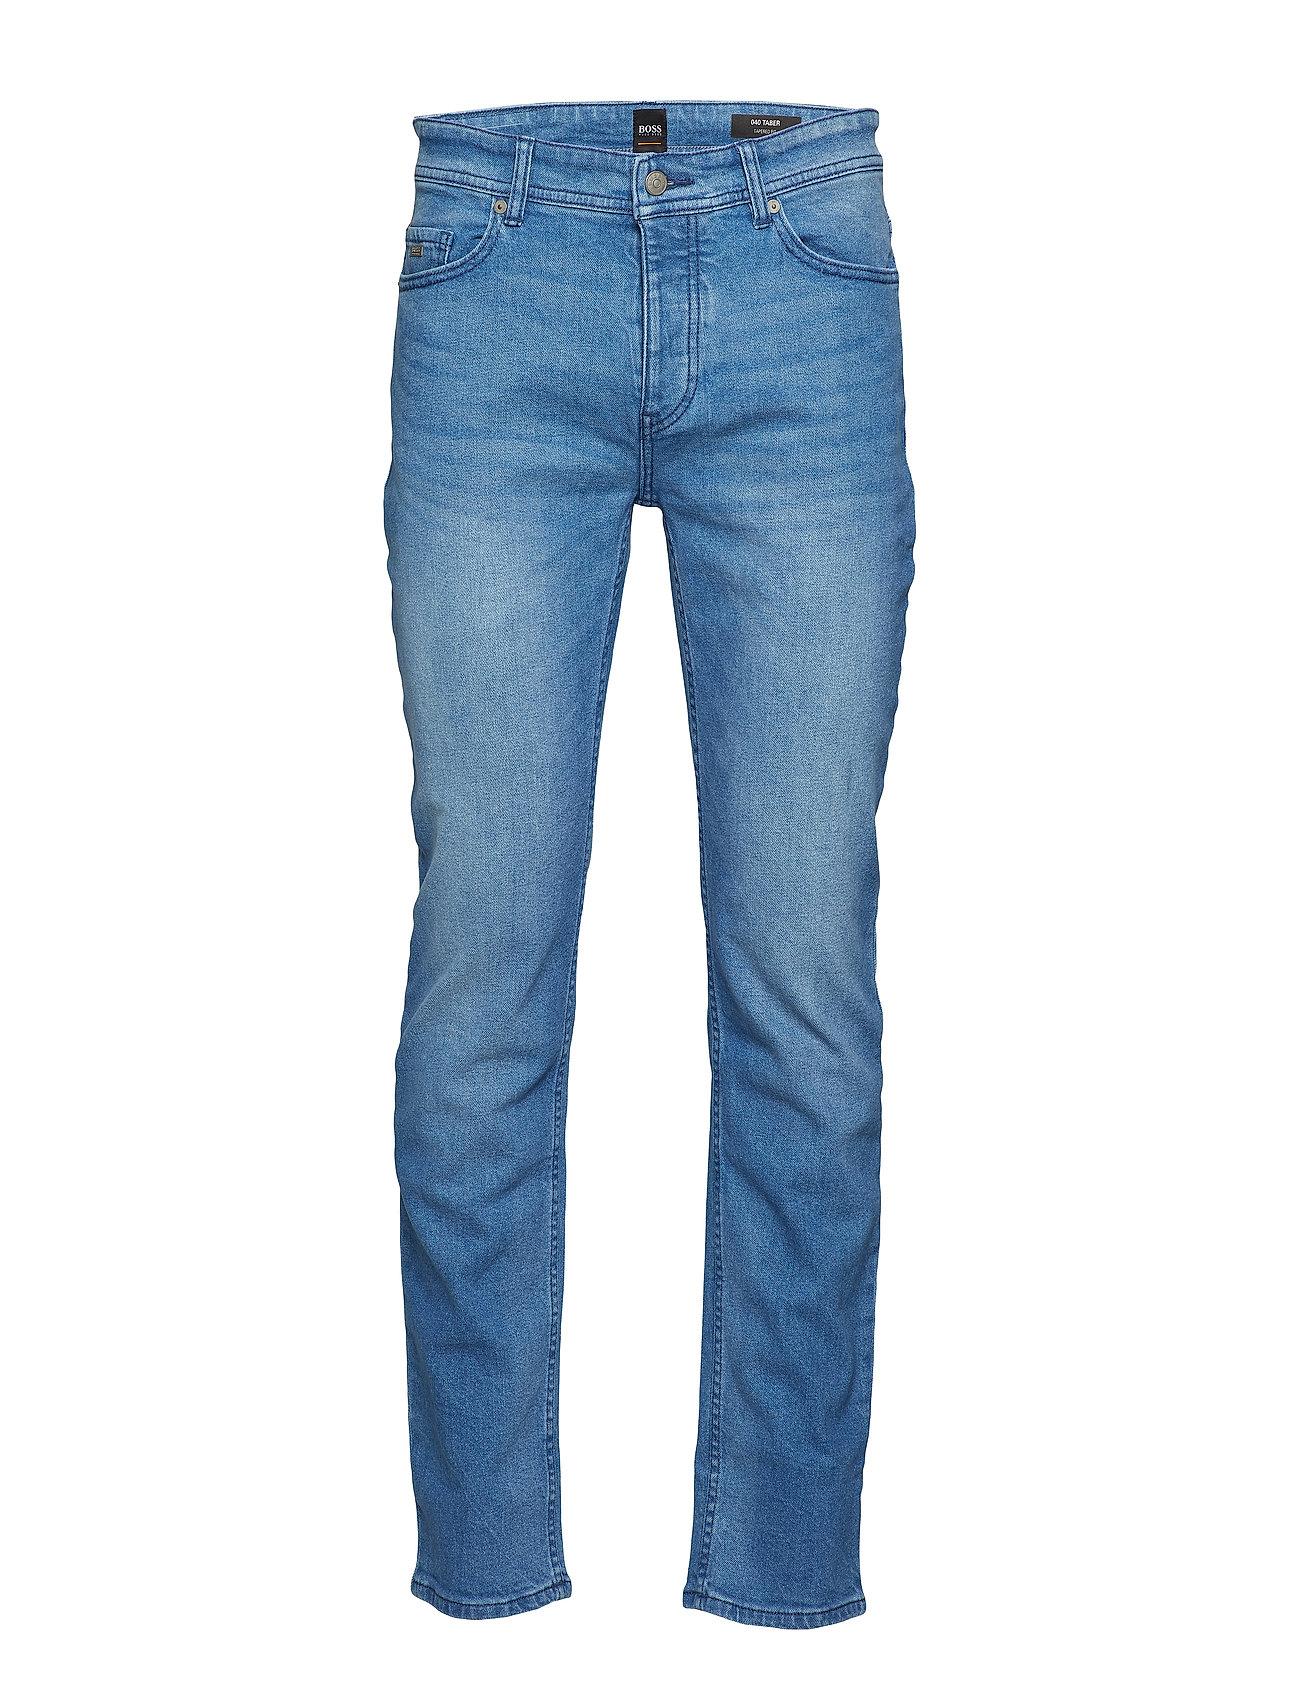 Boss Casual Wear Taber BC-C - MEDIUM BLUE